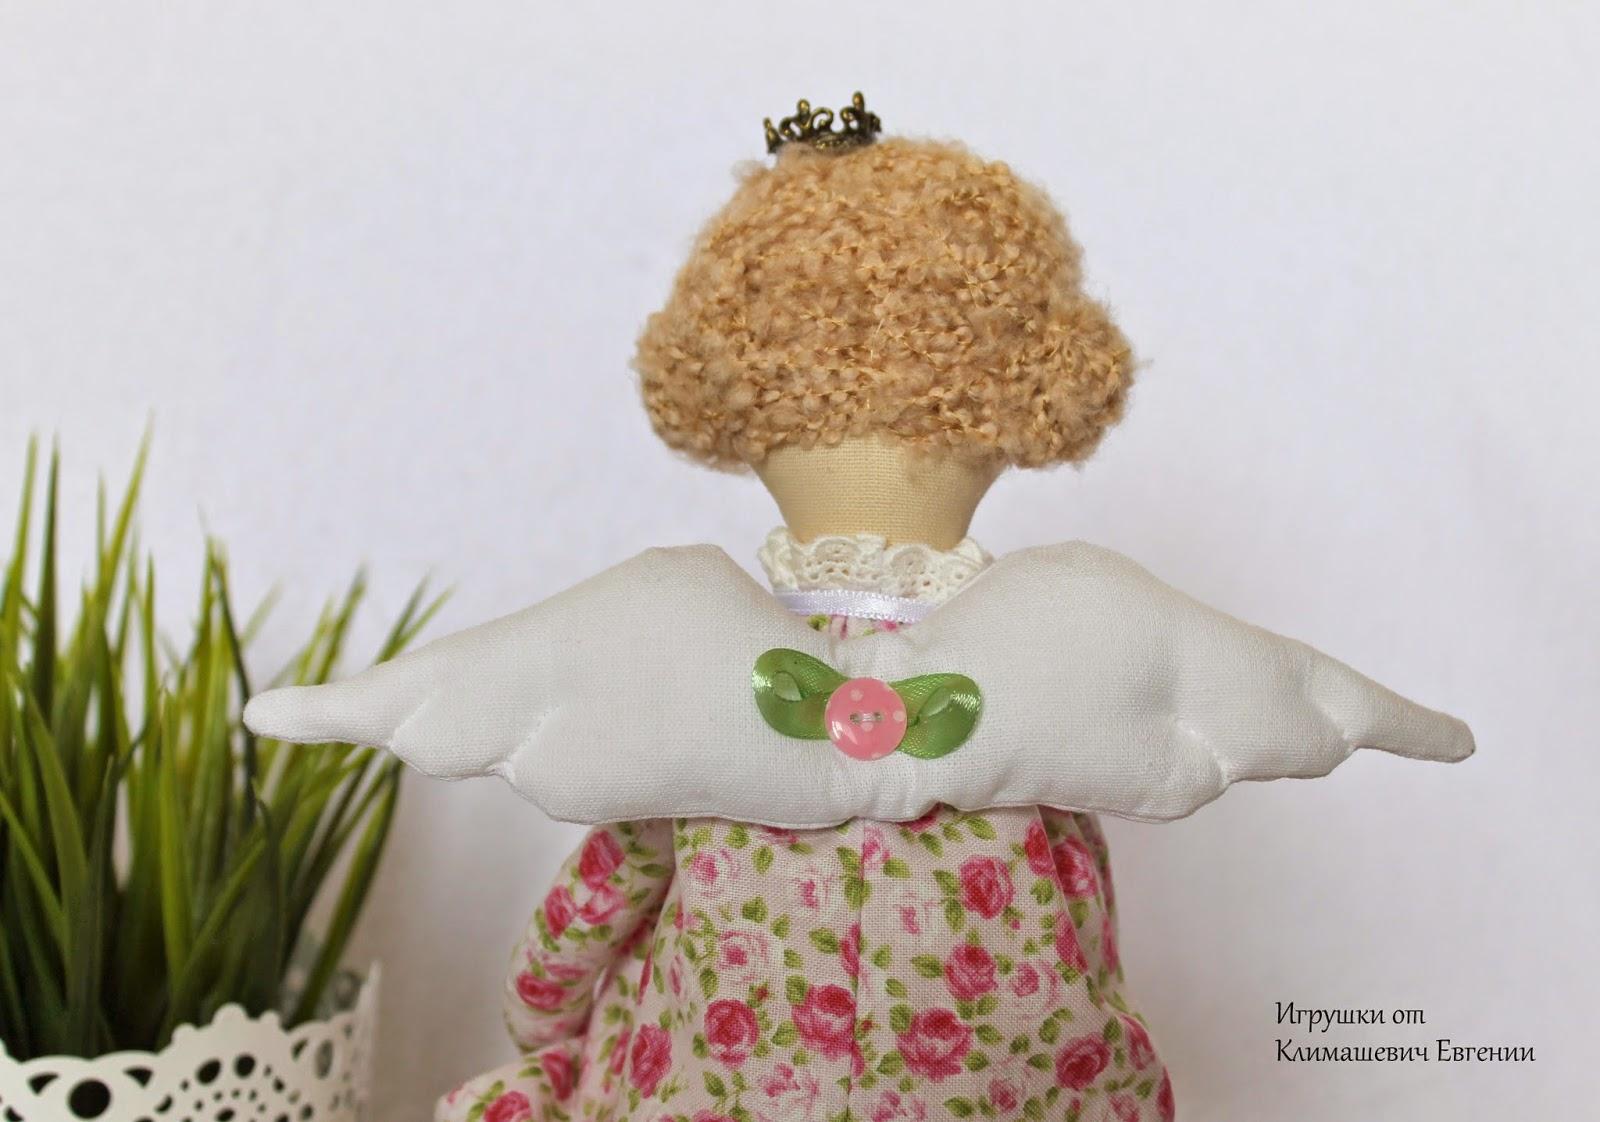 Принцесса на горошине, тильда принцесса, кукла тильда, принцесса